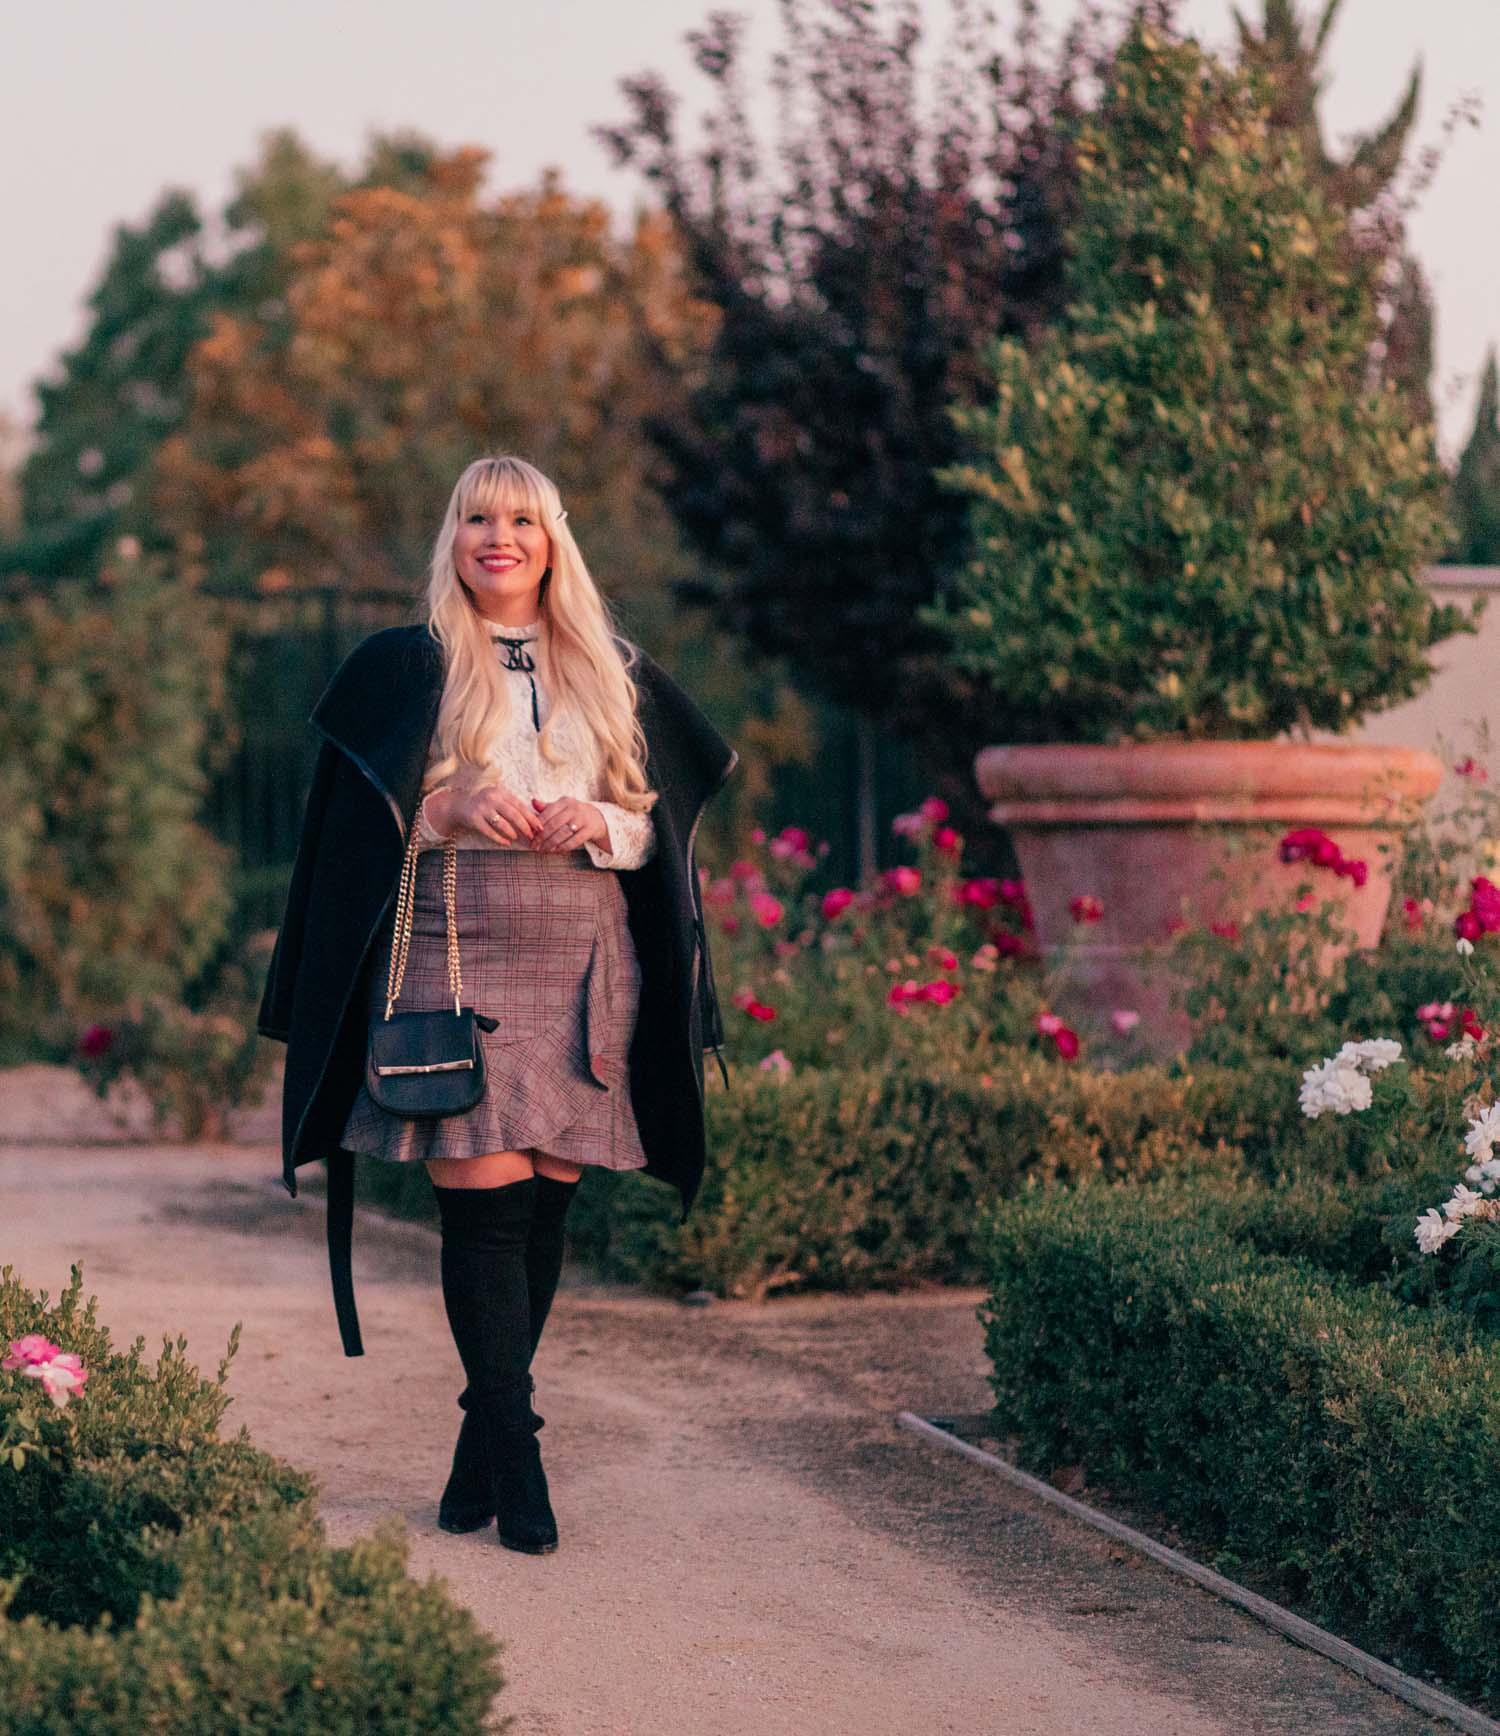 Elizabeth Hugen from Lizzie in Lace wears a black winter coat